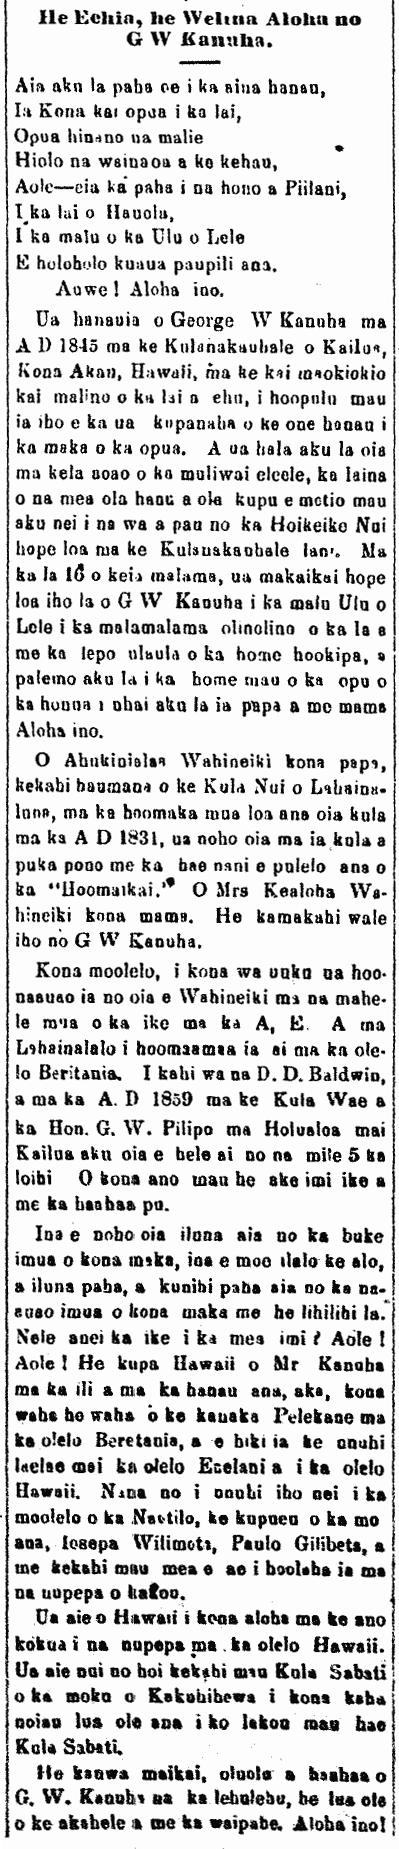 Kuokoa_6_24_1876_2.png